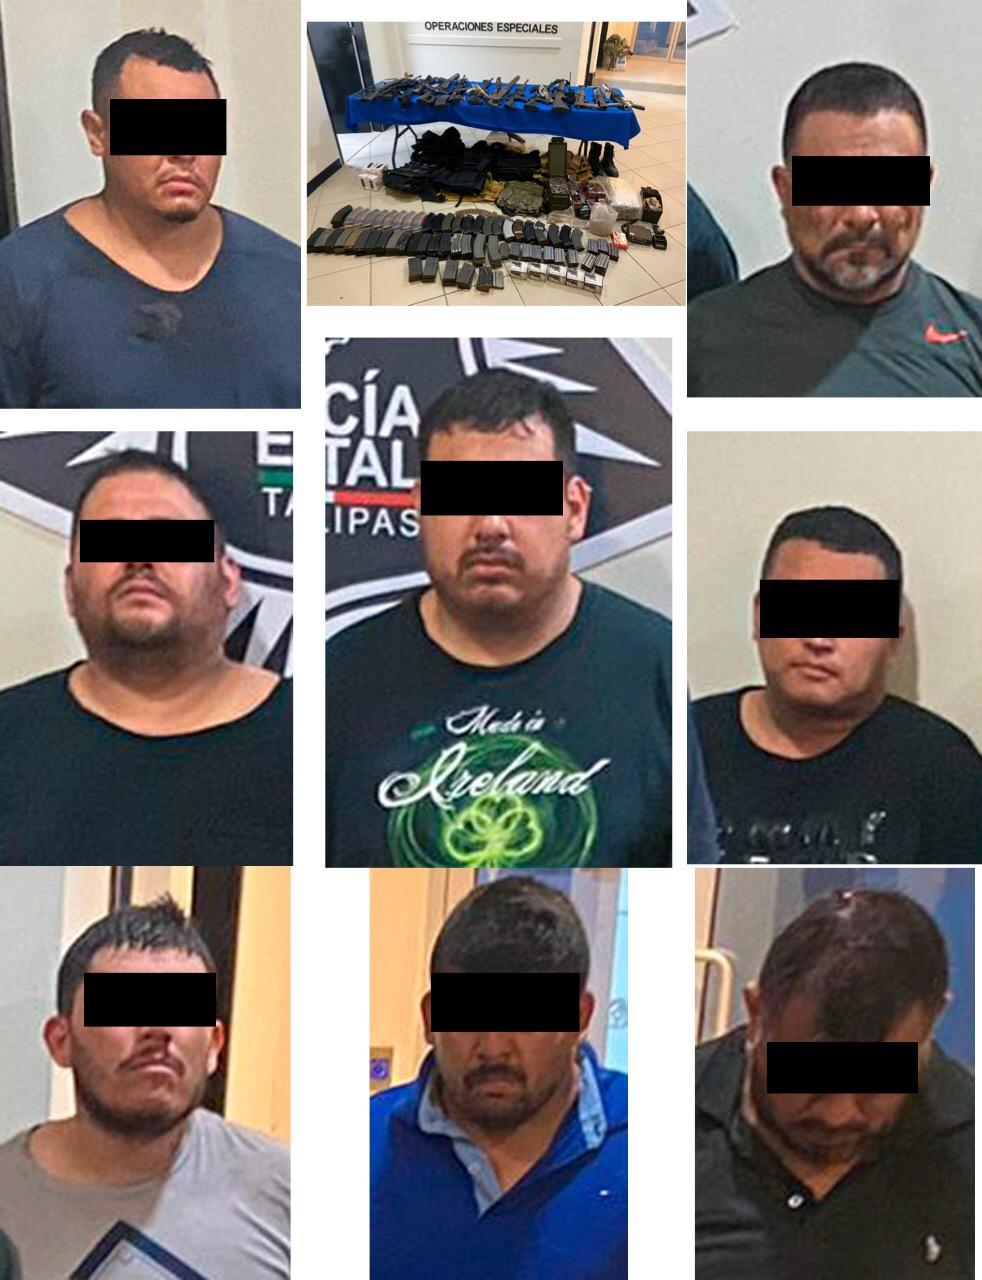 Cae responsable de masacre en Reynosa